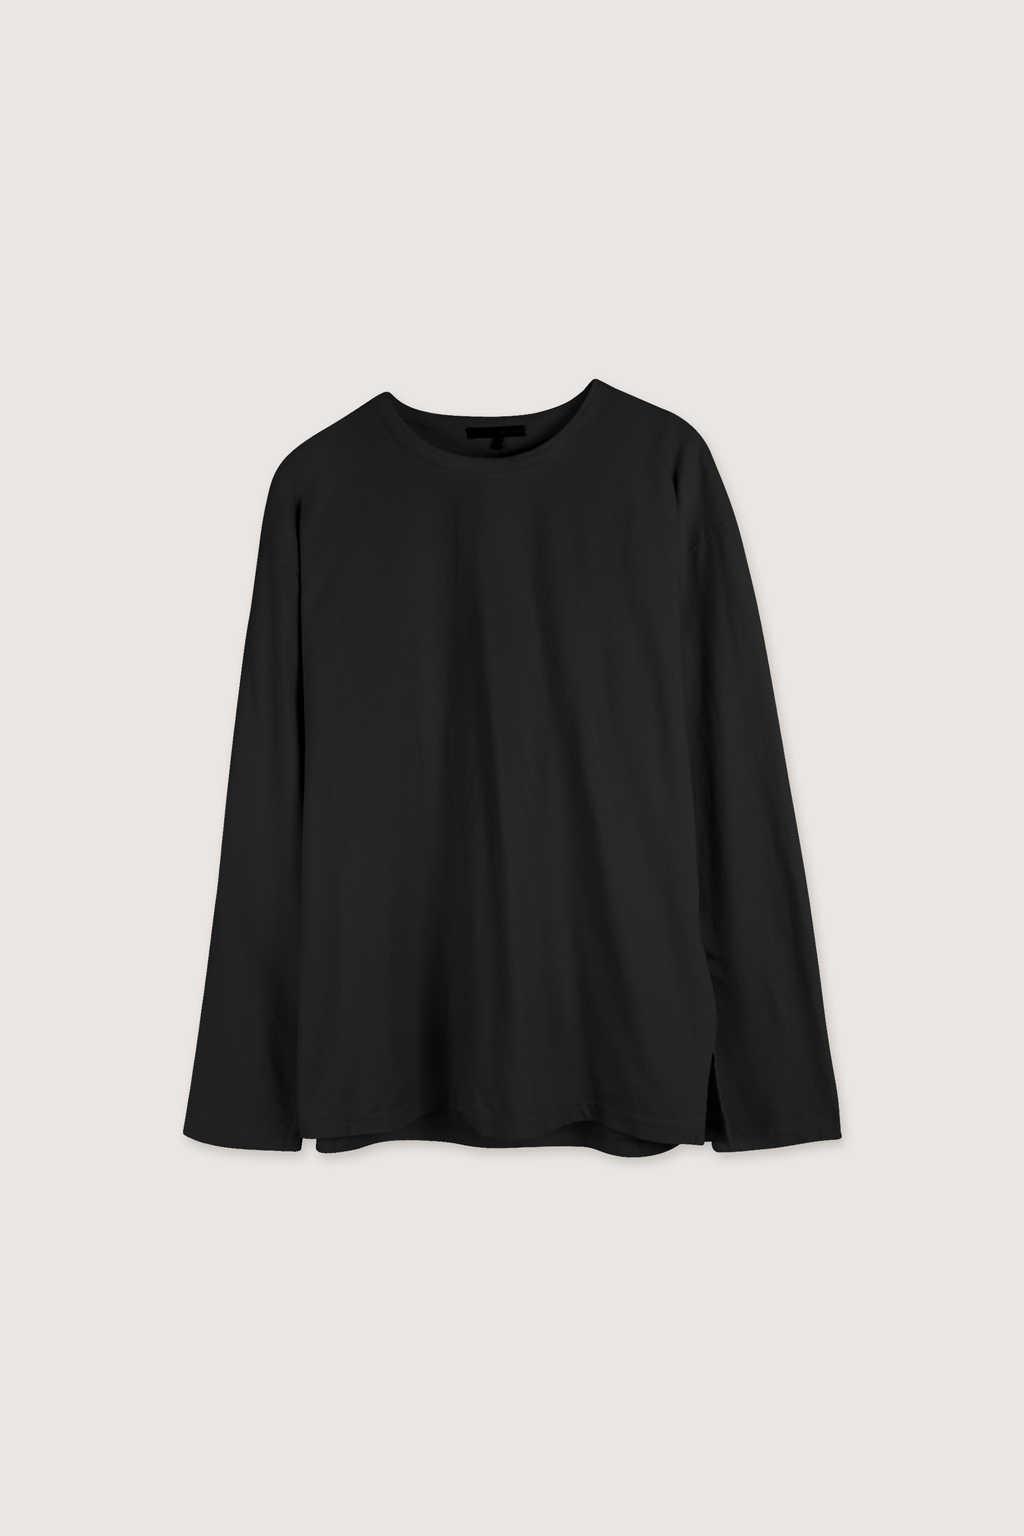 TShirt H080 Black 12